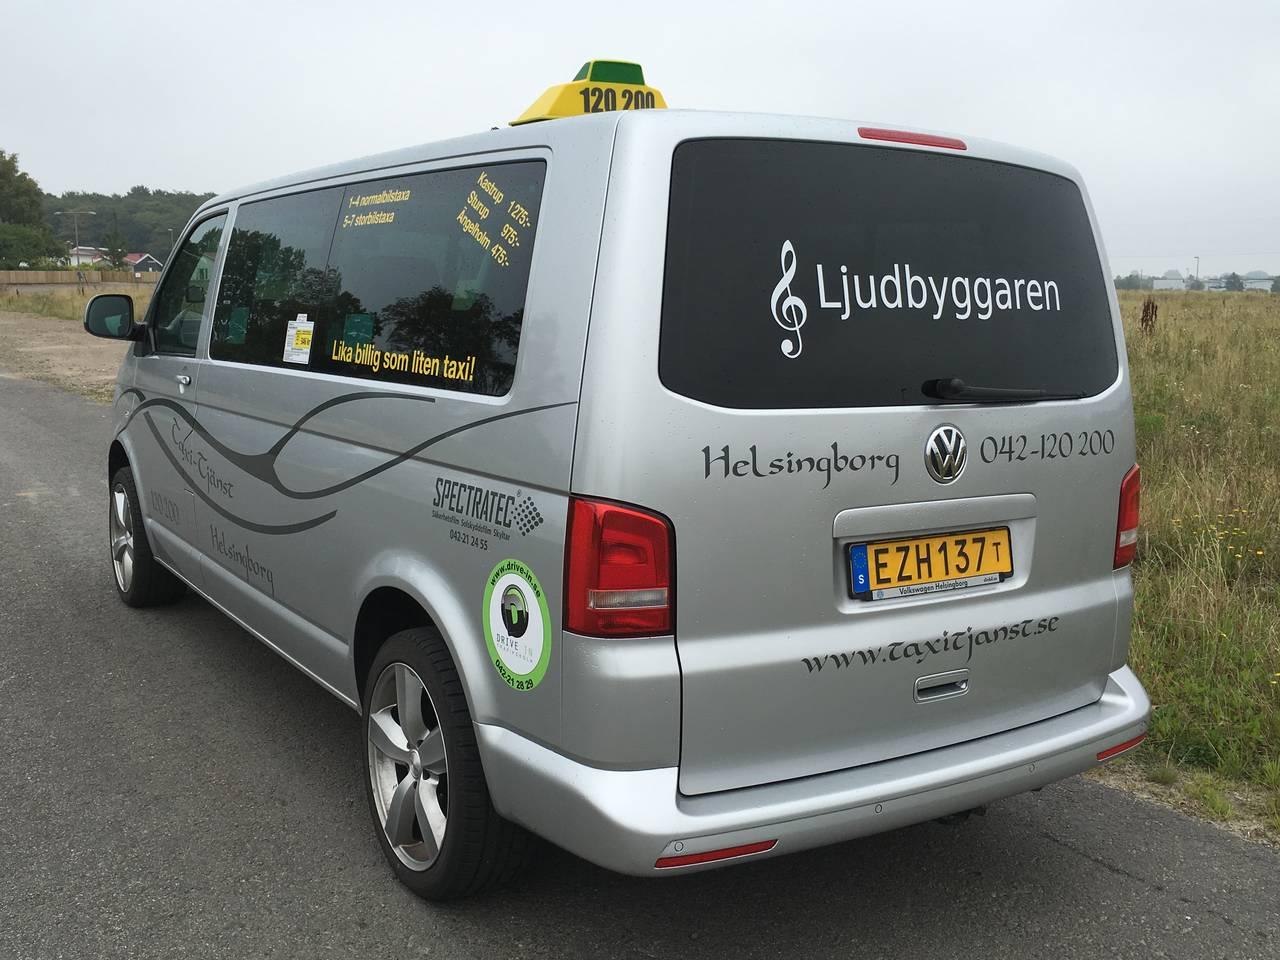 Disco Taxi Helsingborg